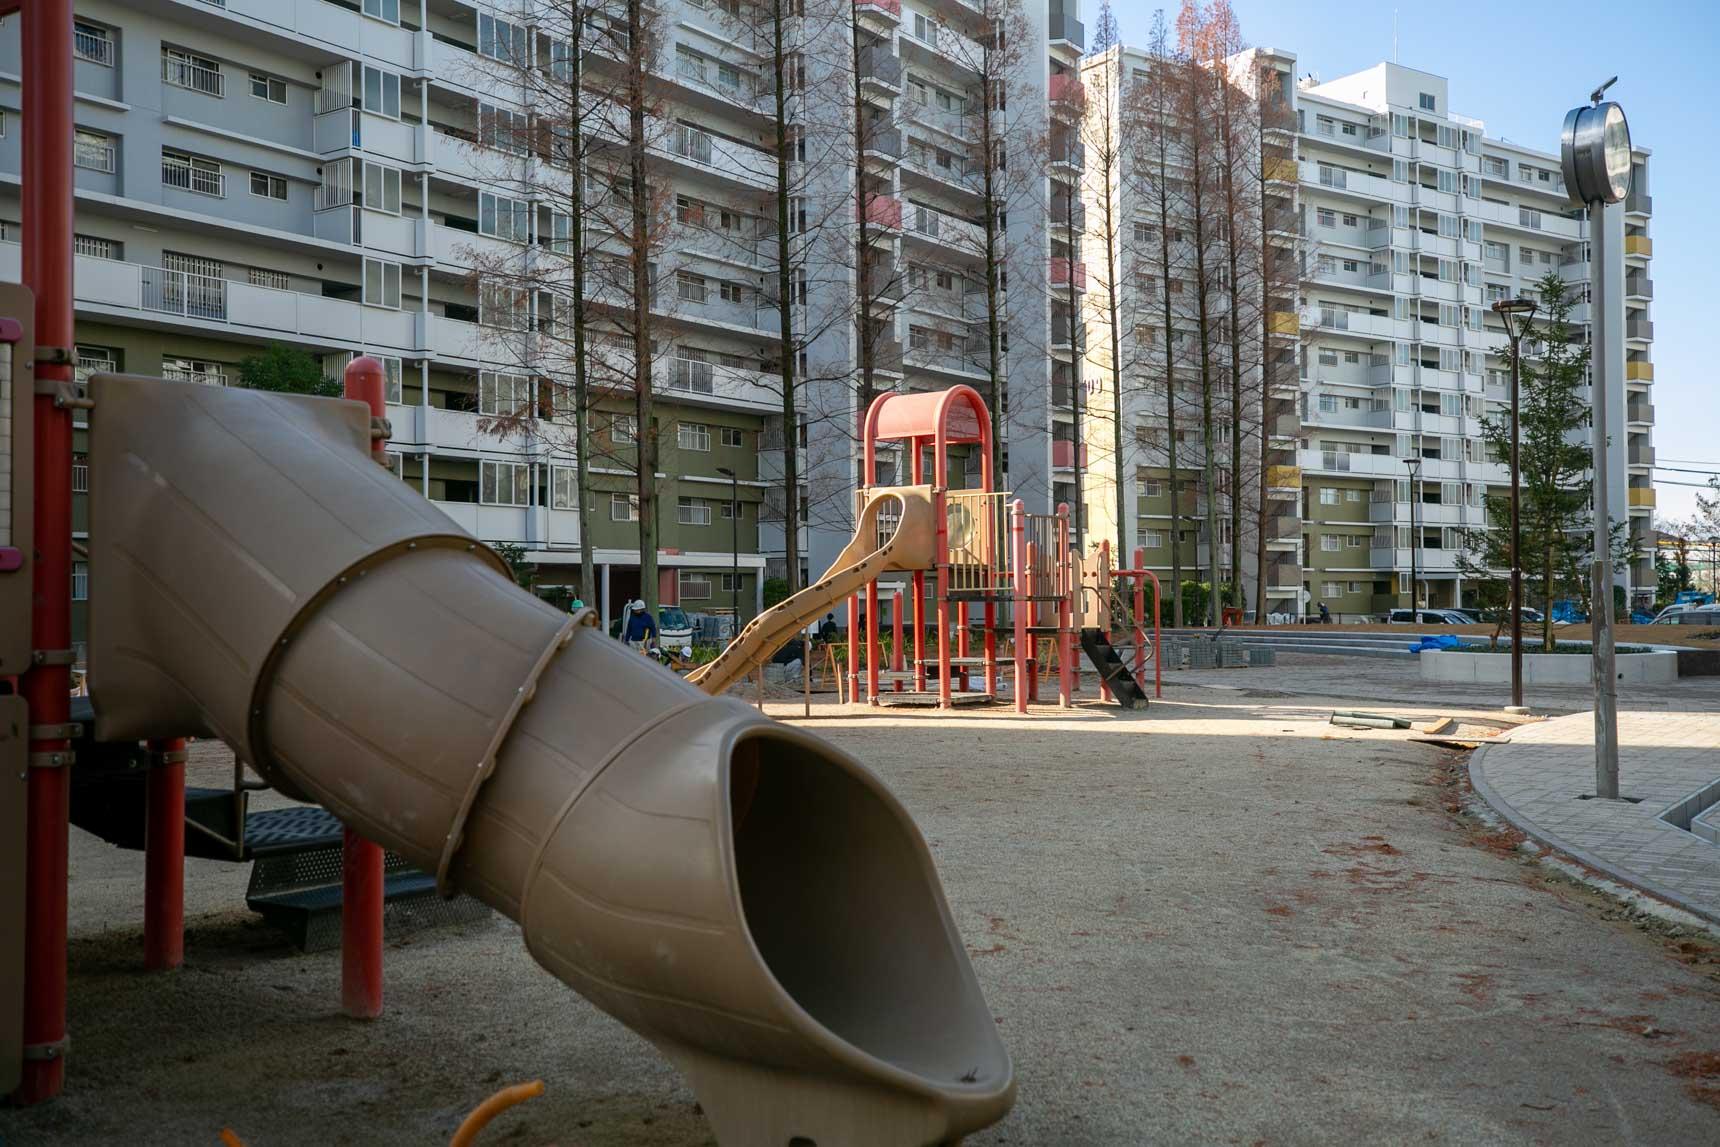 お部屋から出て、車道を通らずにいろんな遊具のある公園へとアクセスできるのは、小さなお子さんのいるご家庭にとって安心です。